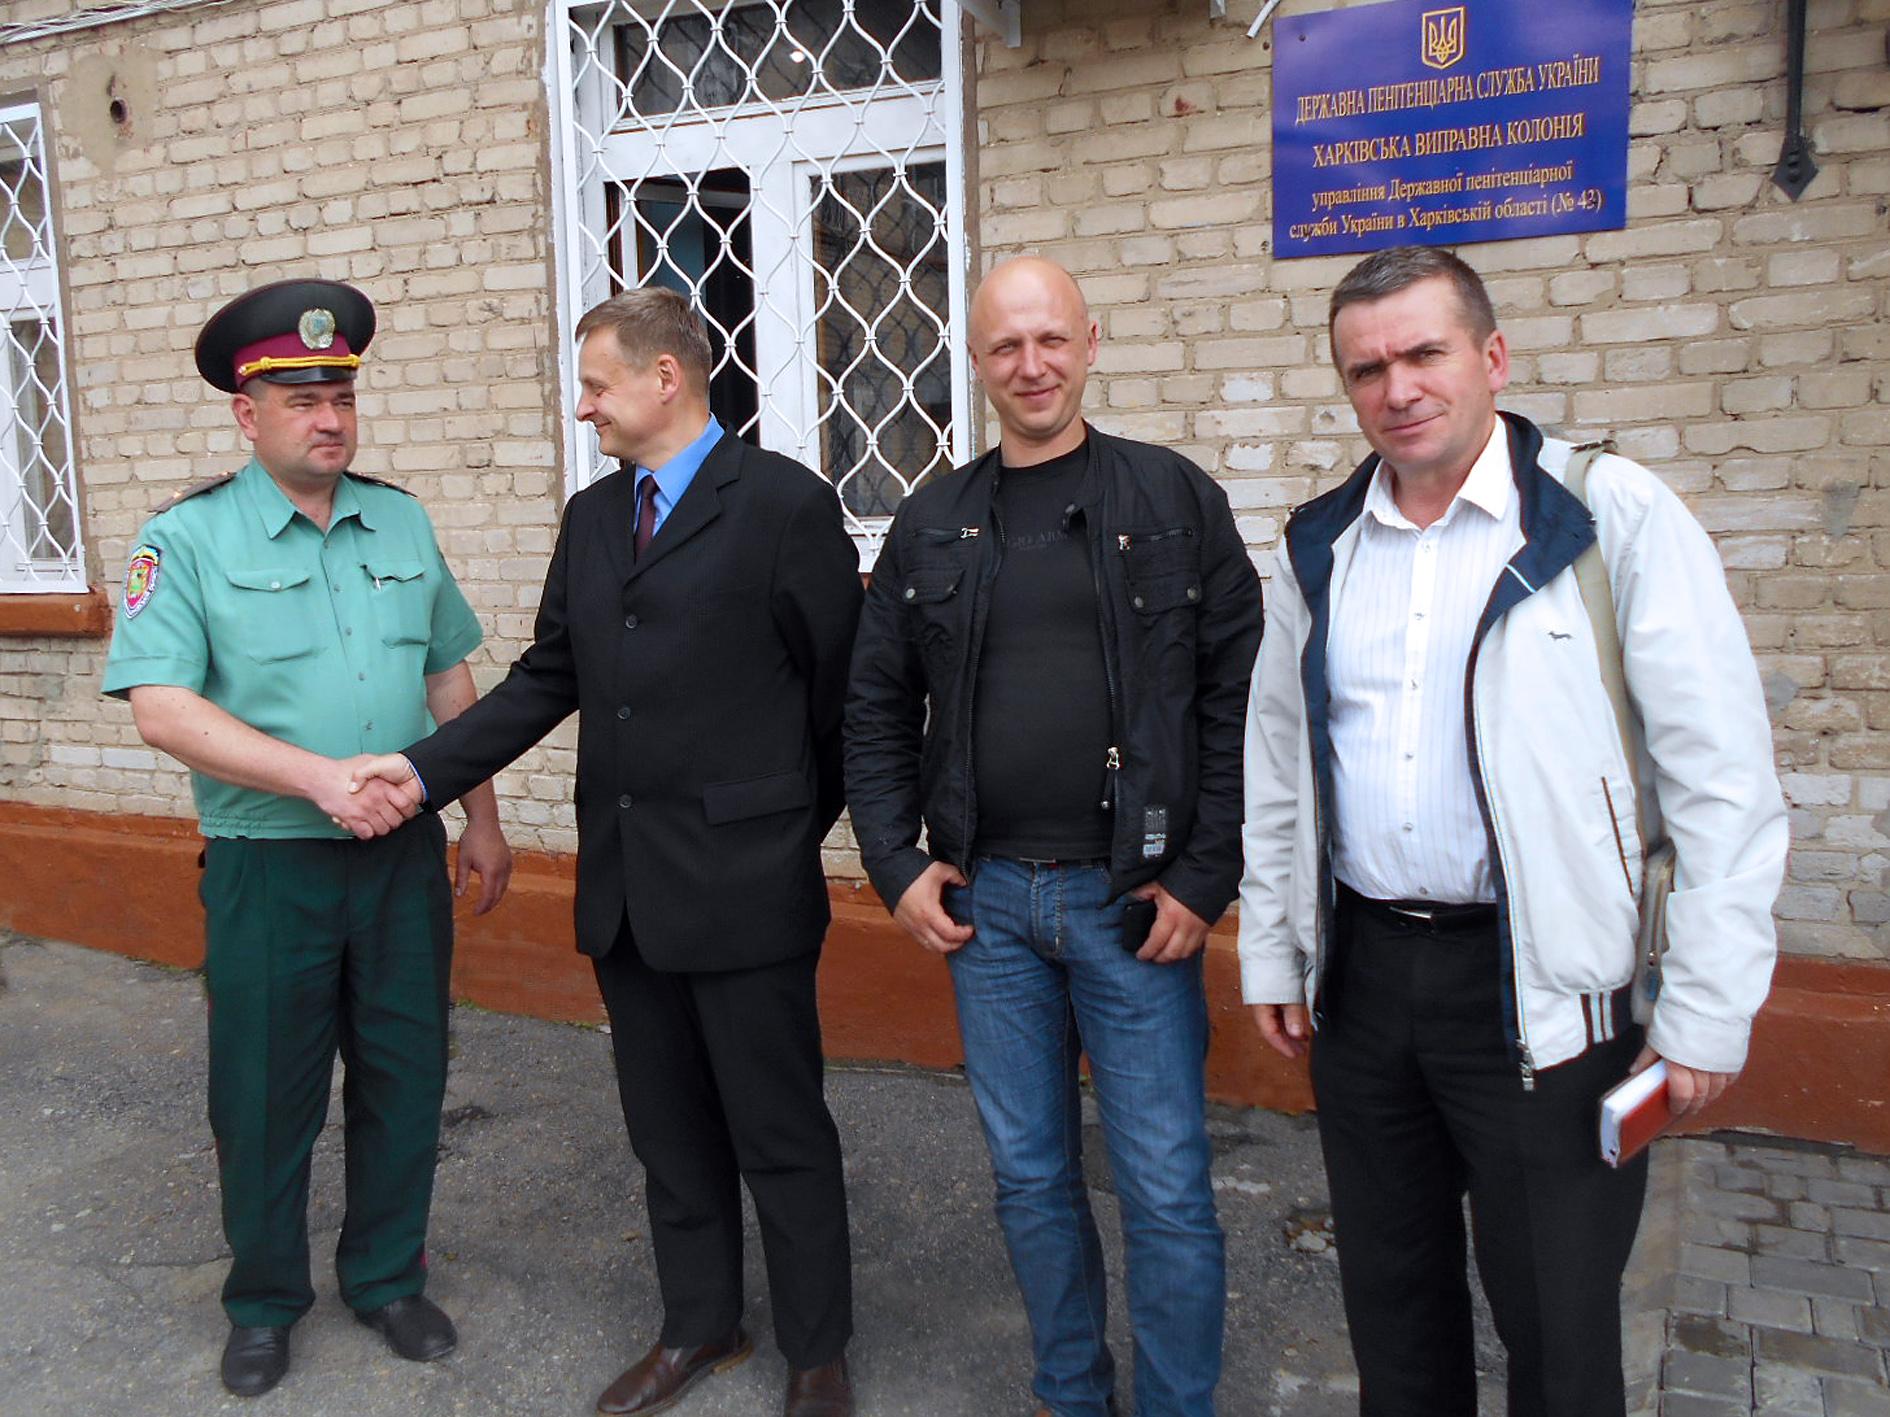 https://gx.net.ua/news_images/1464199472.jpg